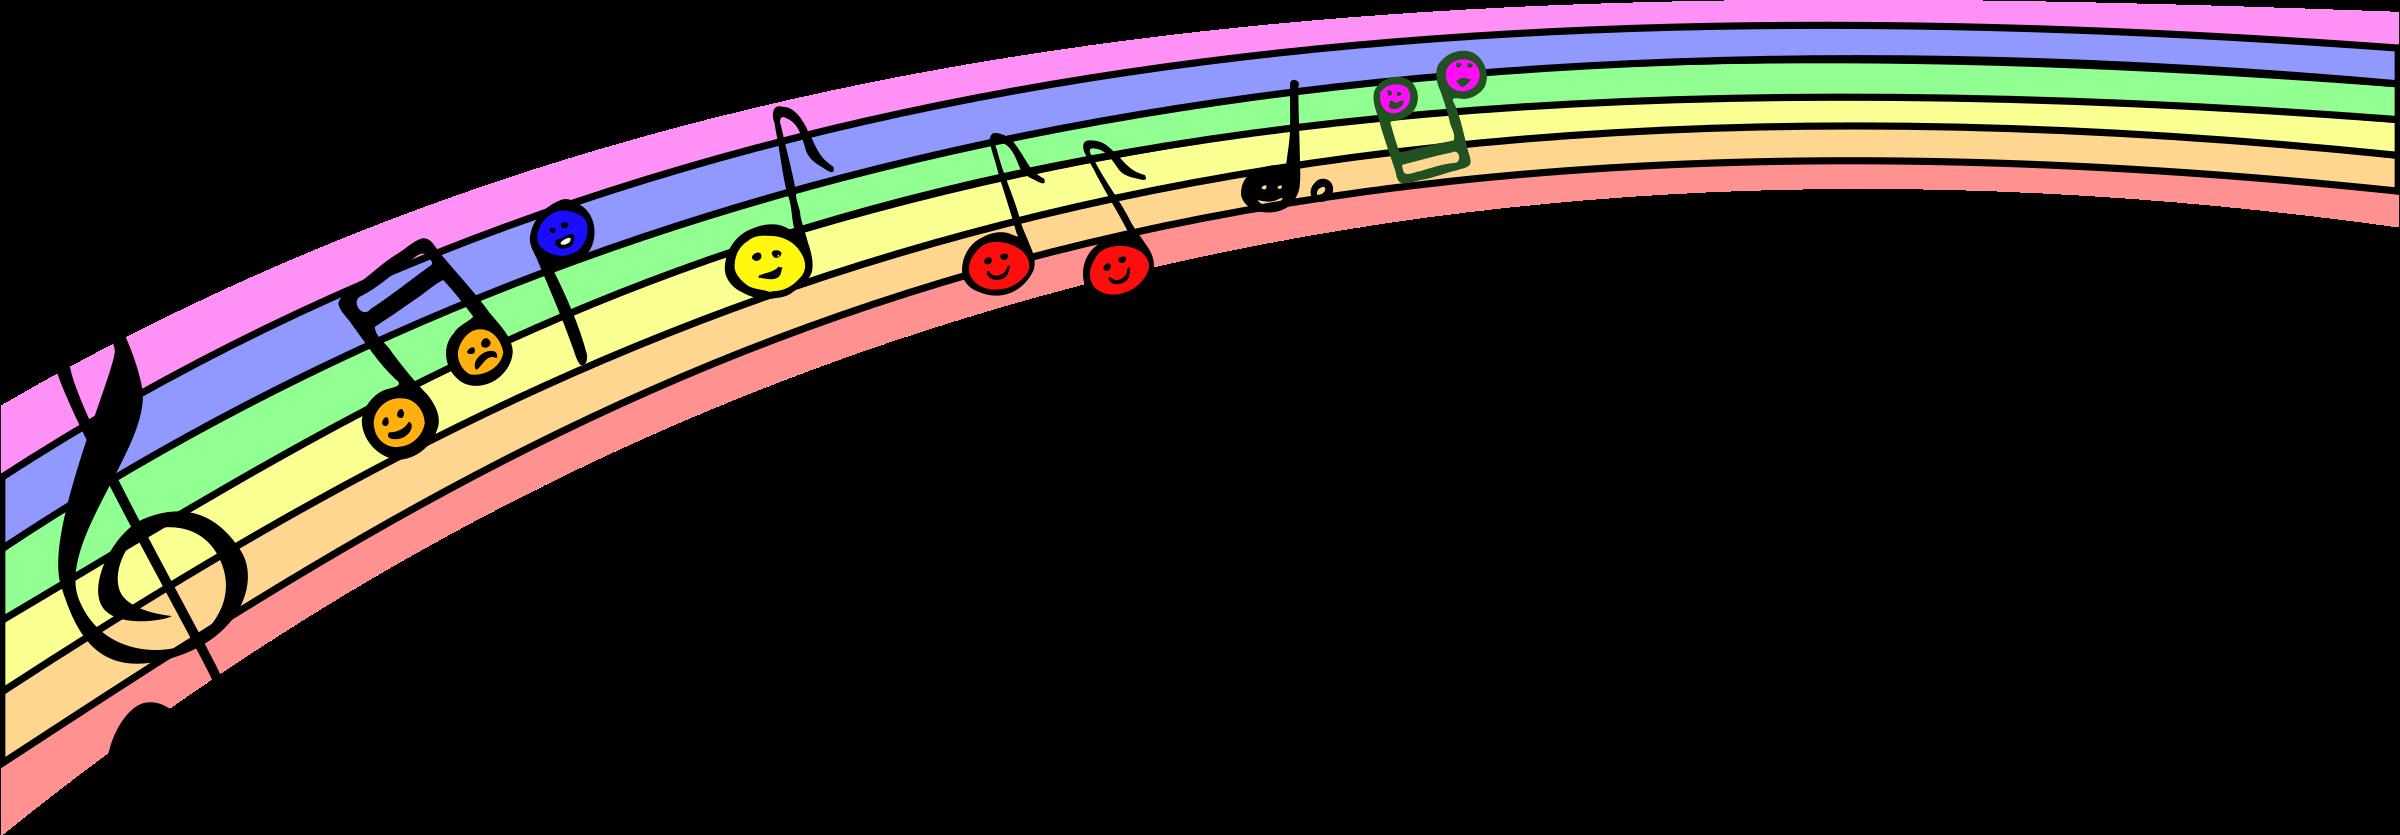 Rainbow clip art 9 rainbow clipart fans